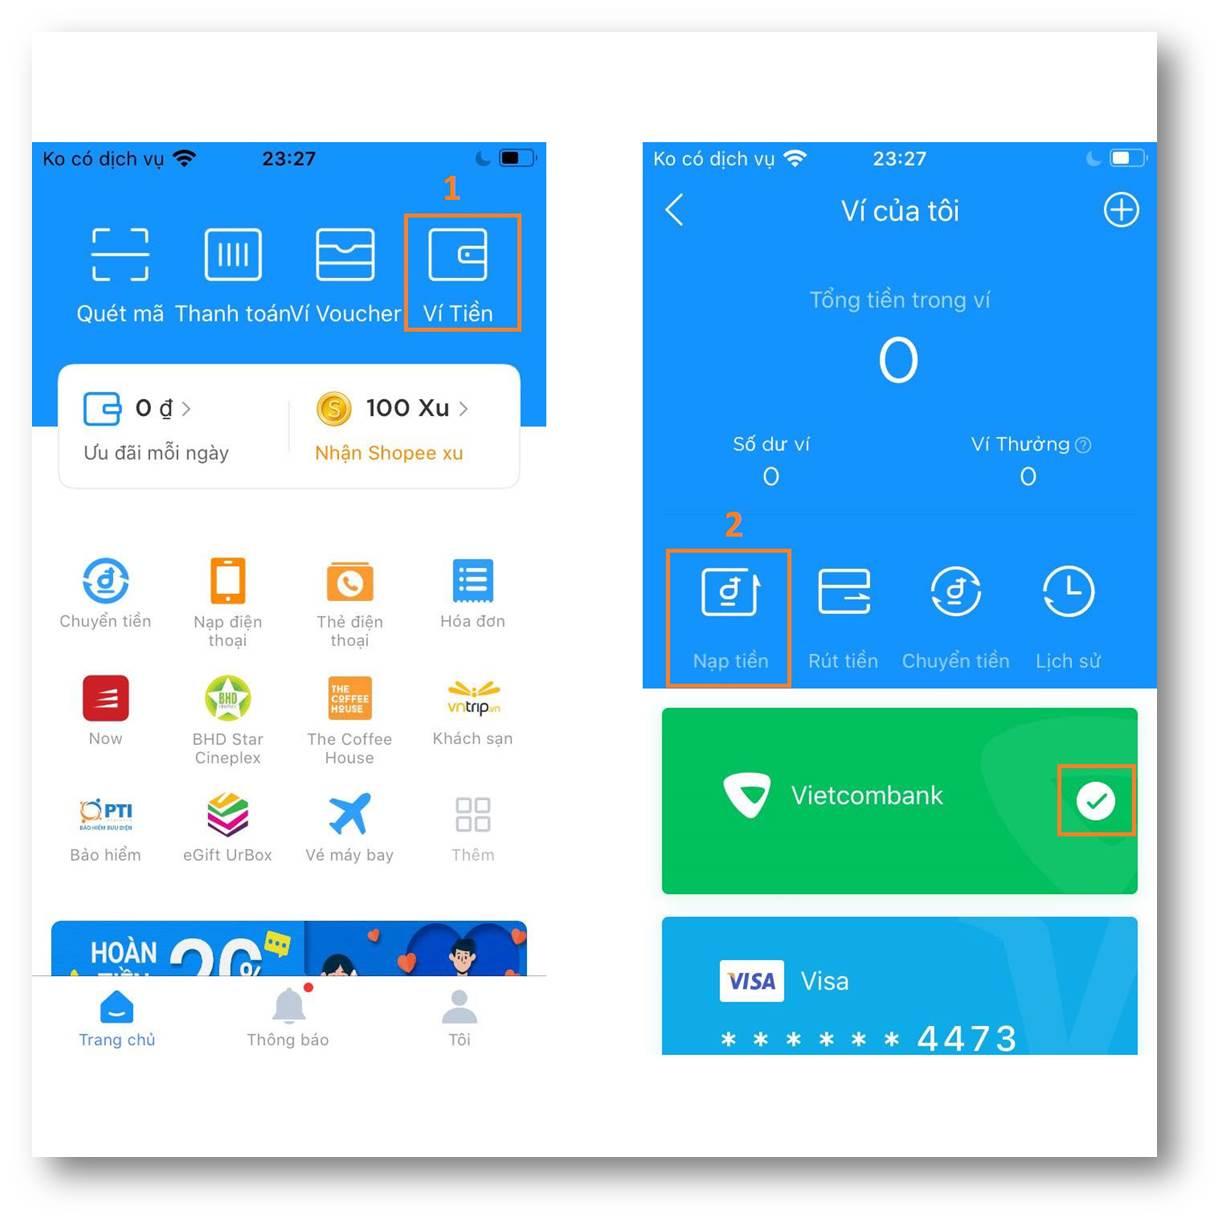 AirPay là gì? Hướng dẫn cách sử dụng và đăng ký chi tiết - Ảnh 9